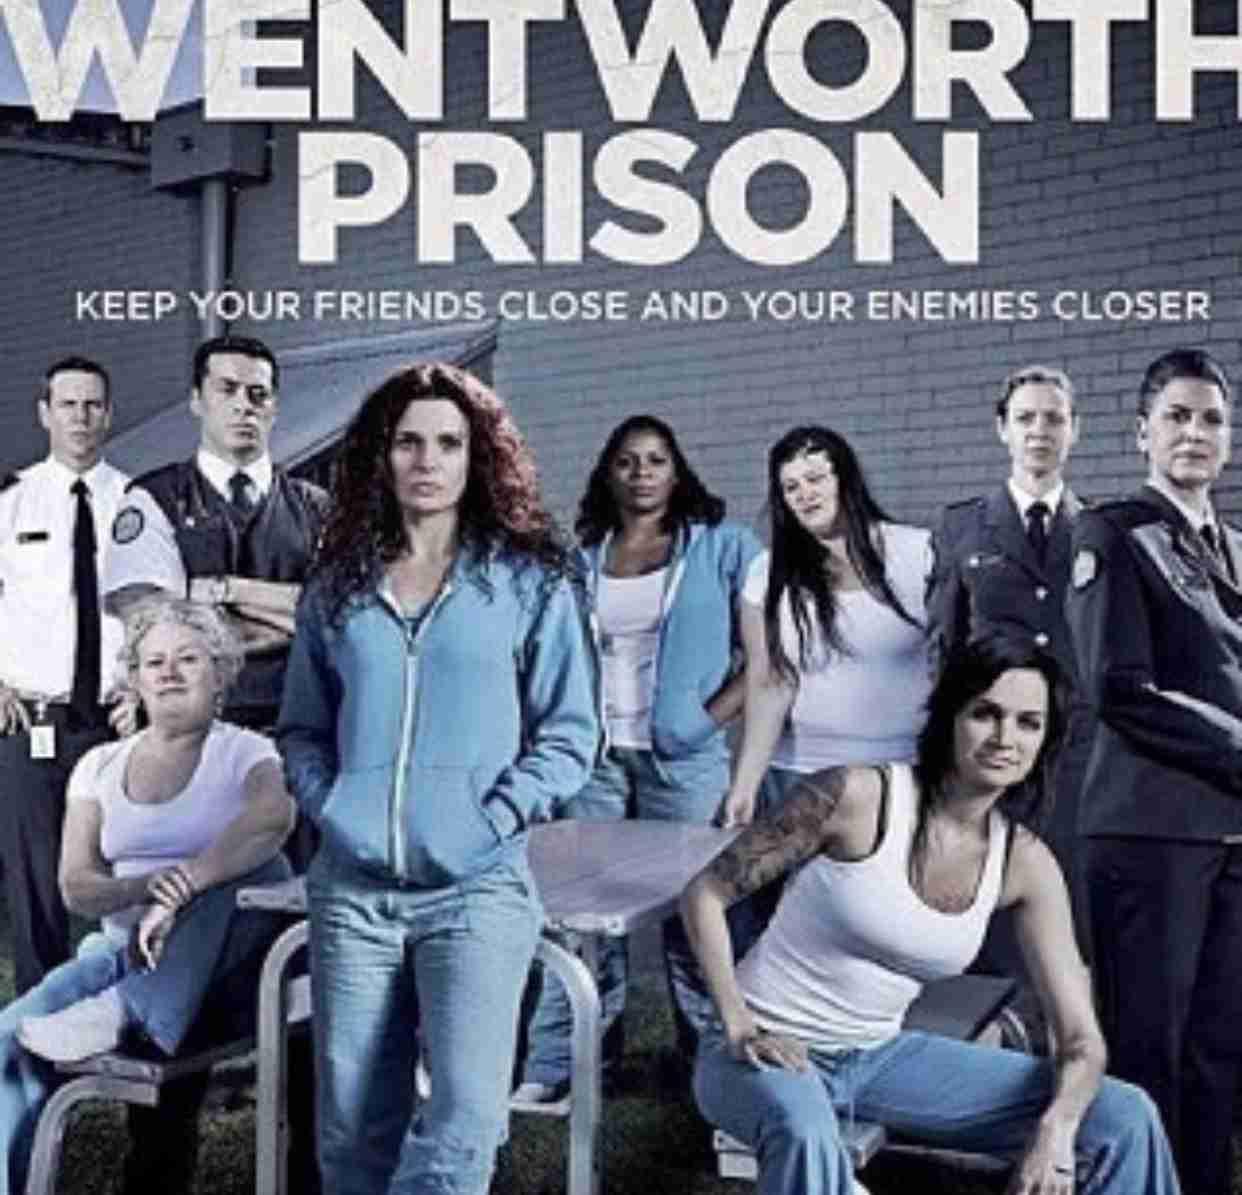 「ウェントワース女子刑務所」好きな方